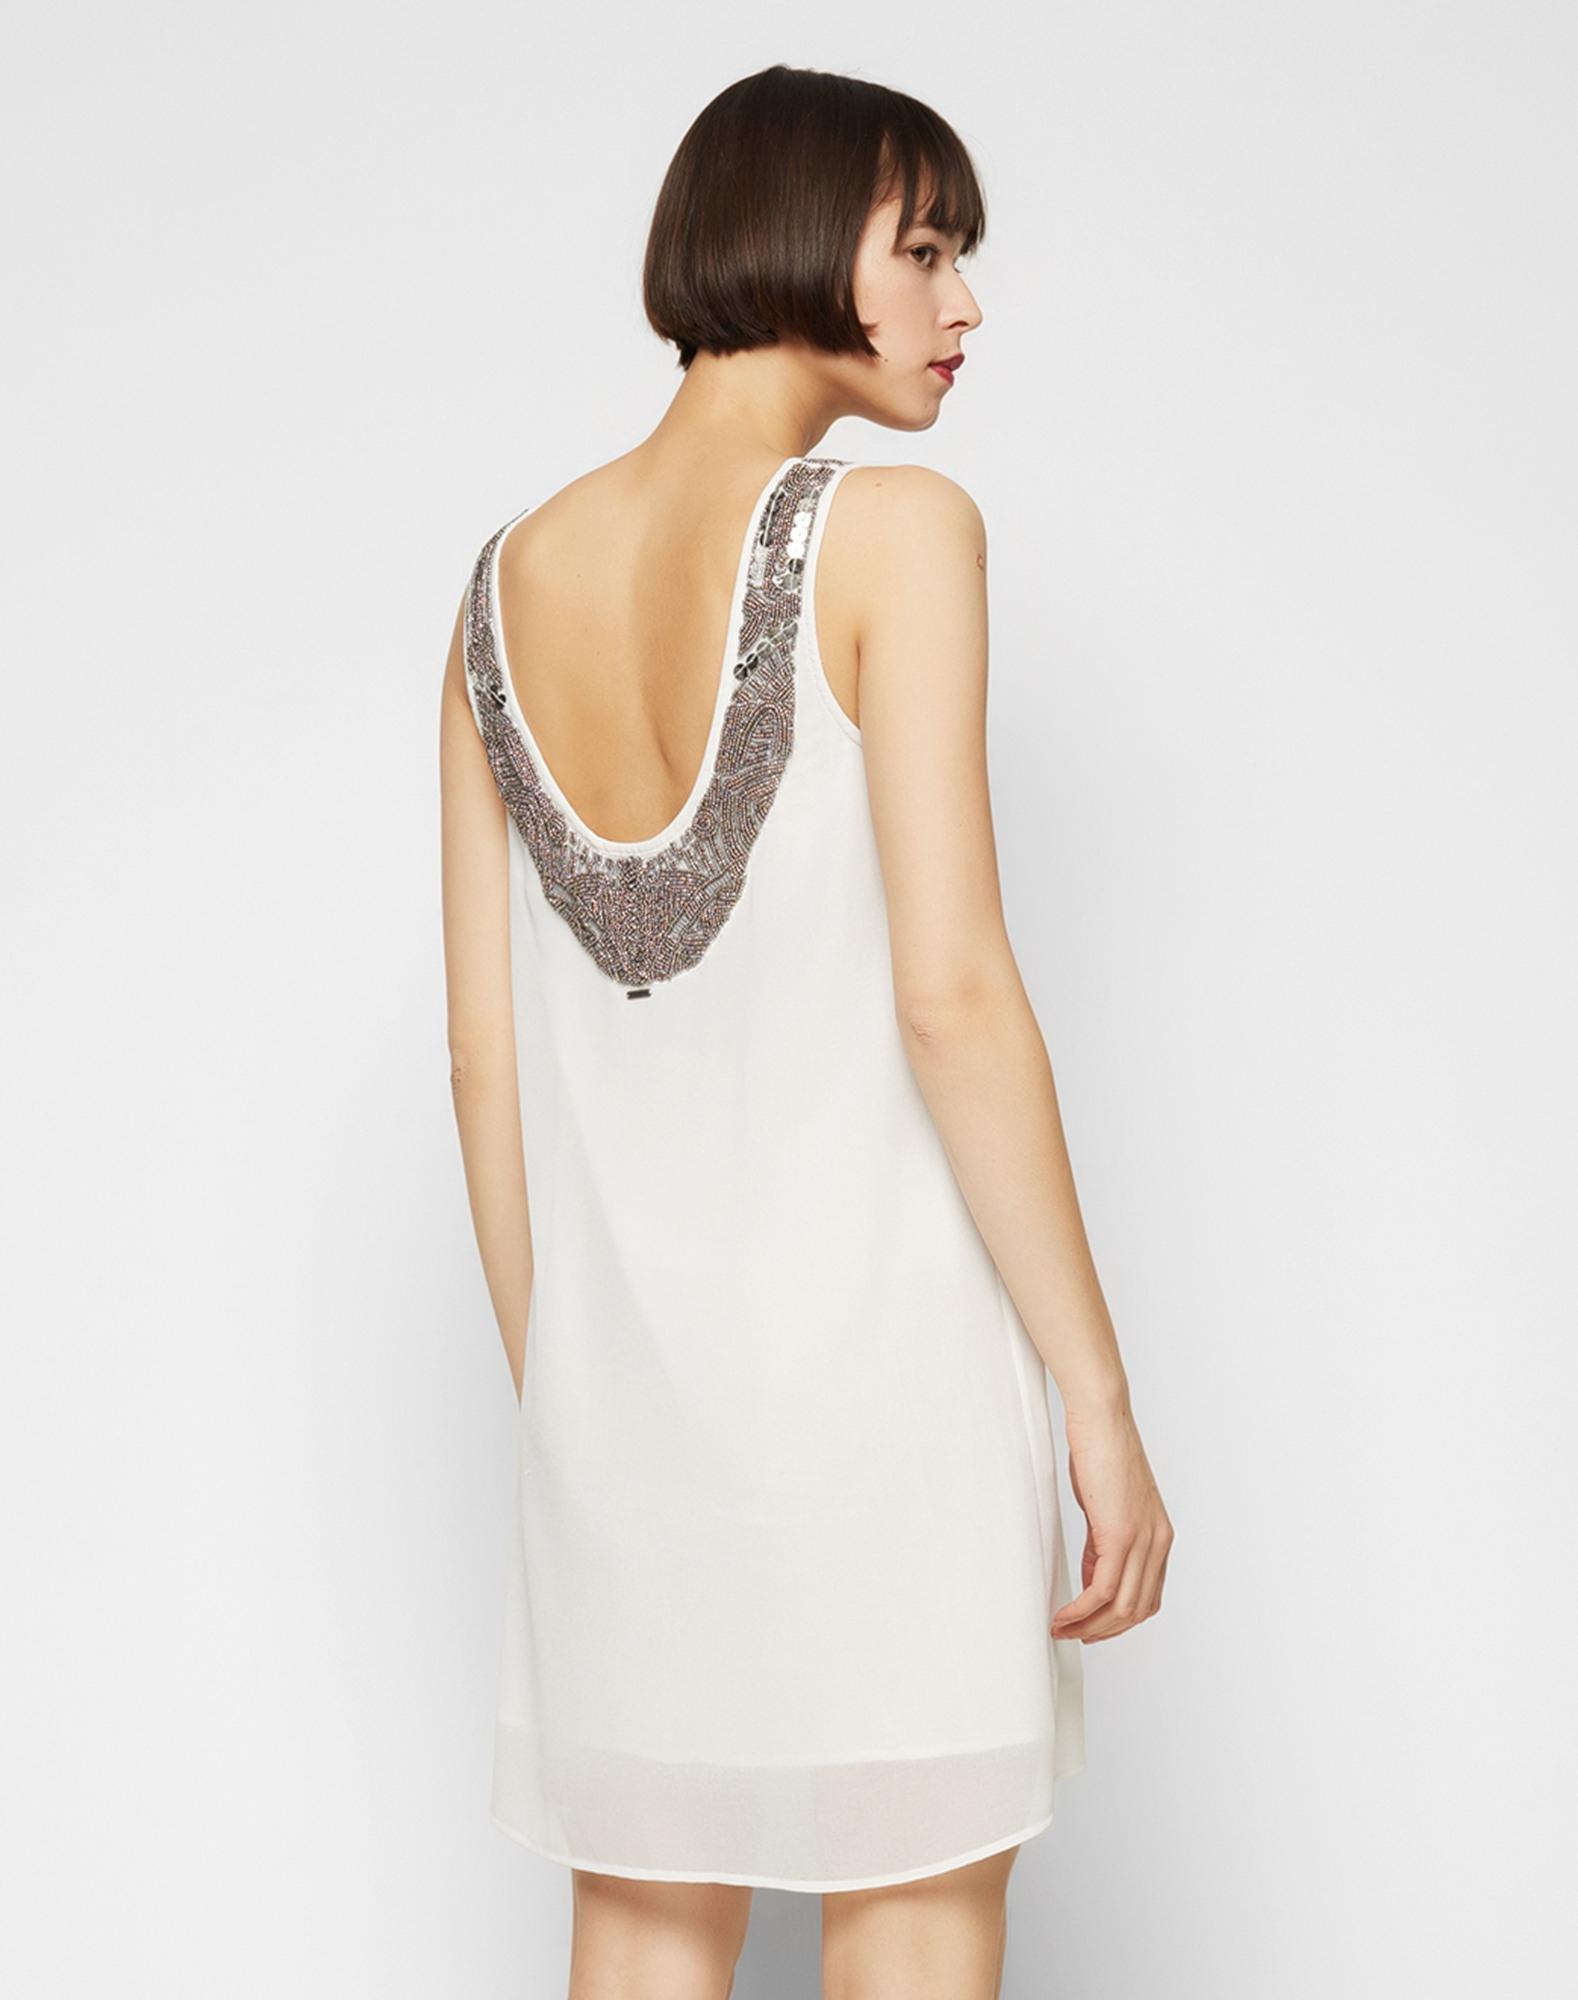 Designer Elegant Kleid Weiß Glitzer DesignDesigner Cool Kleid Weiß Glitzer für 2019